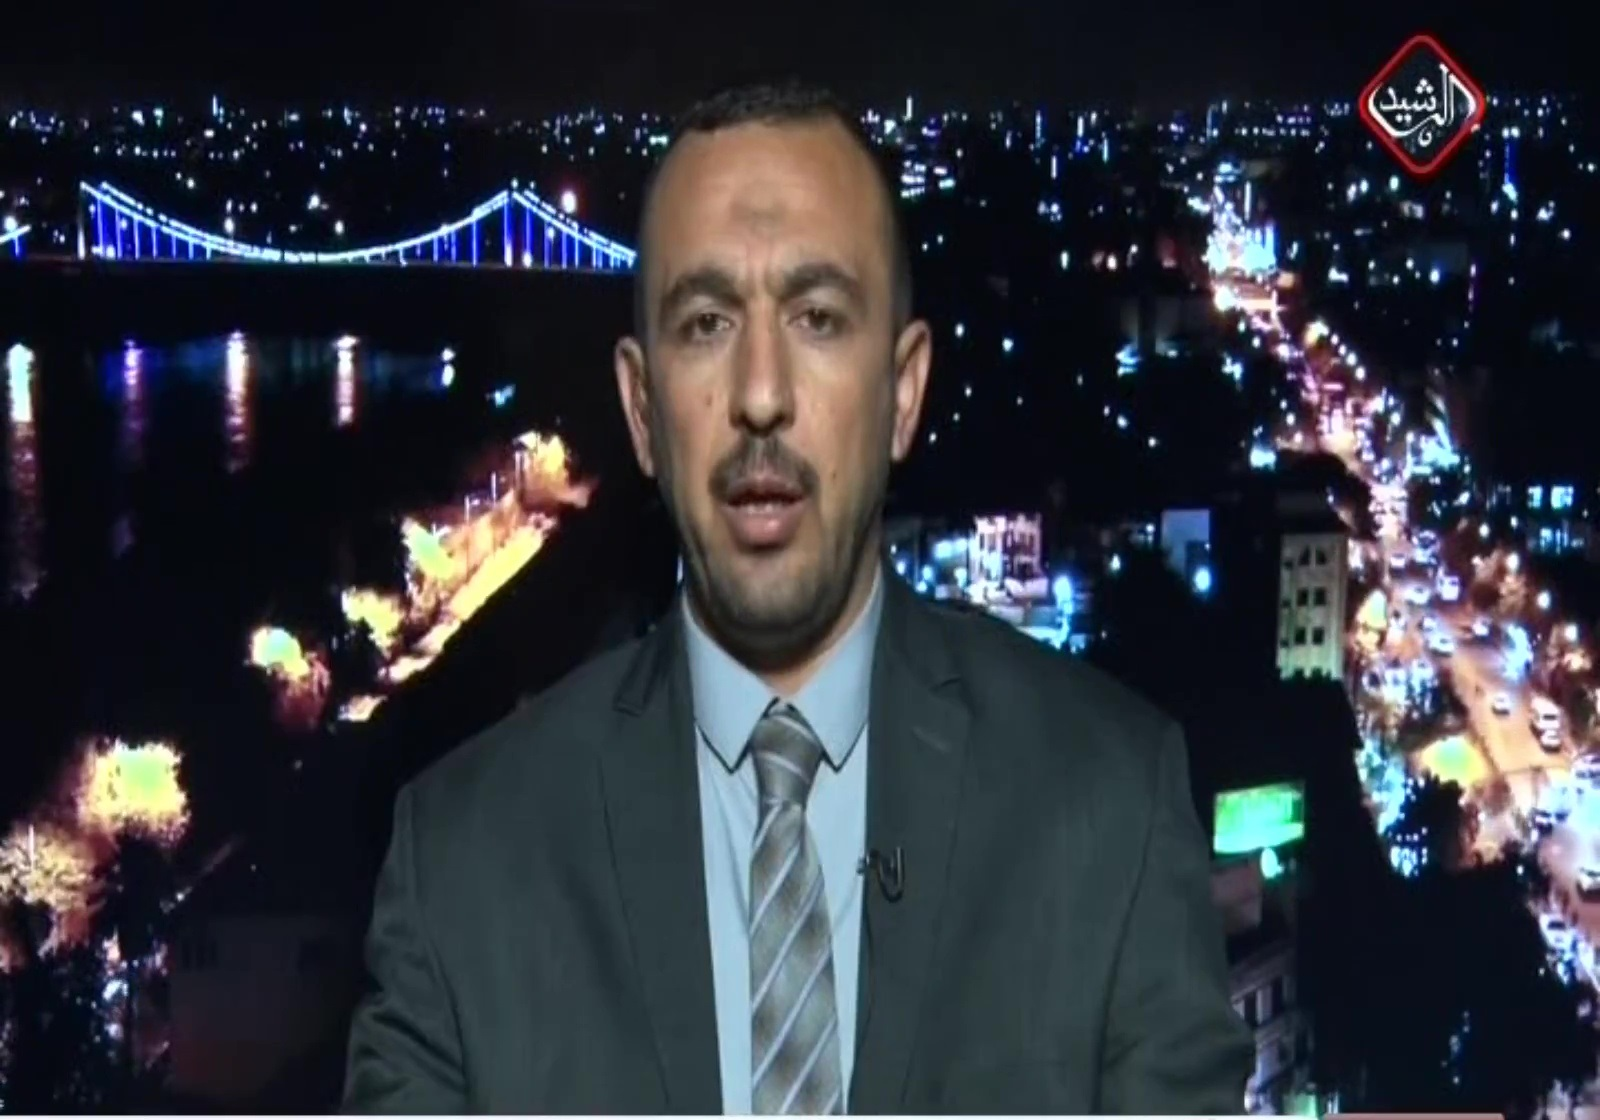 محمد كريم البلداوي / عضو تحالف البناء